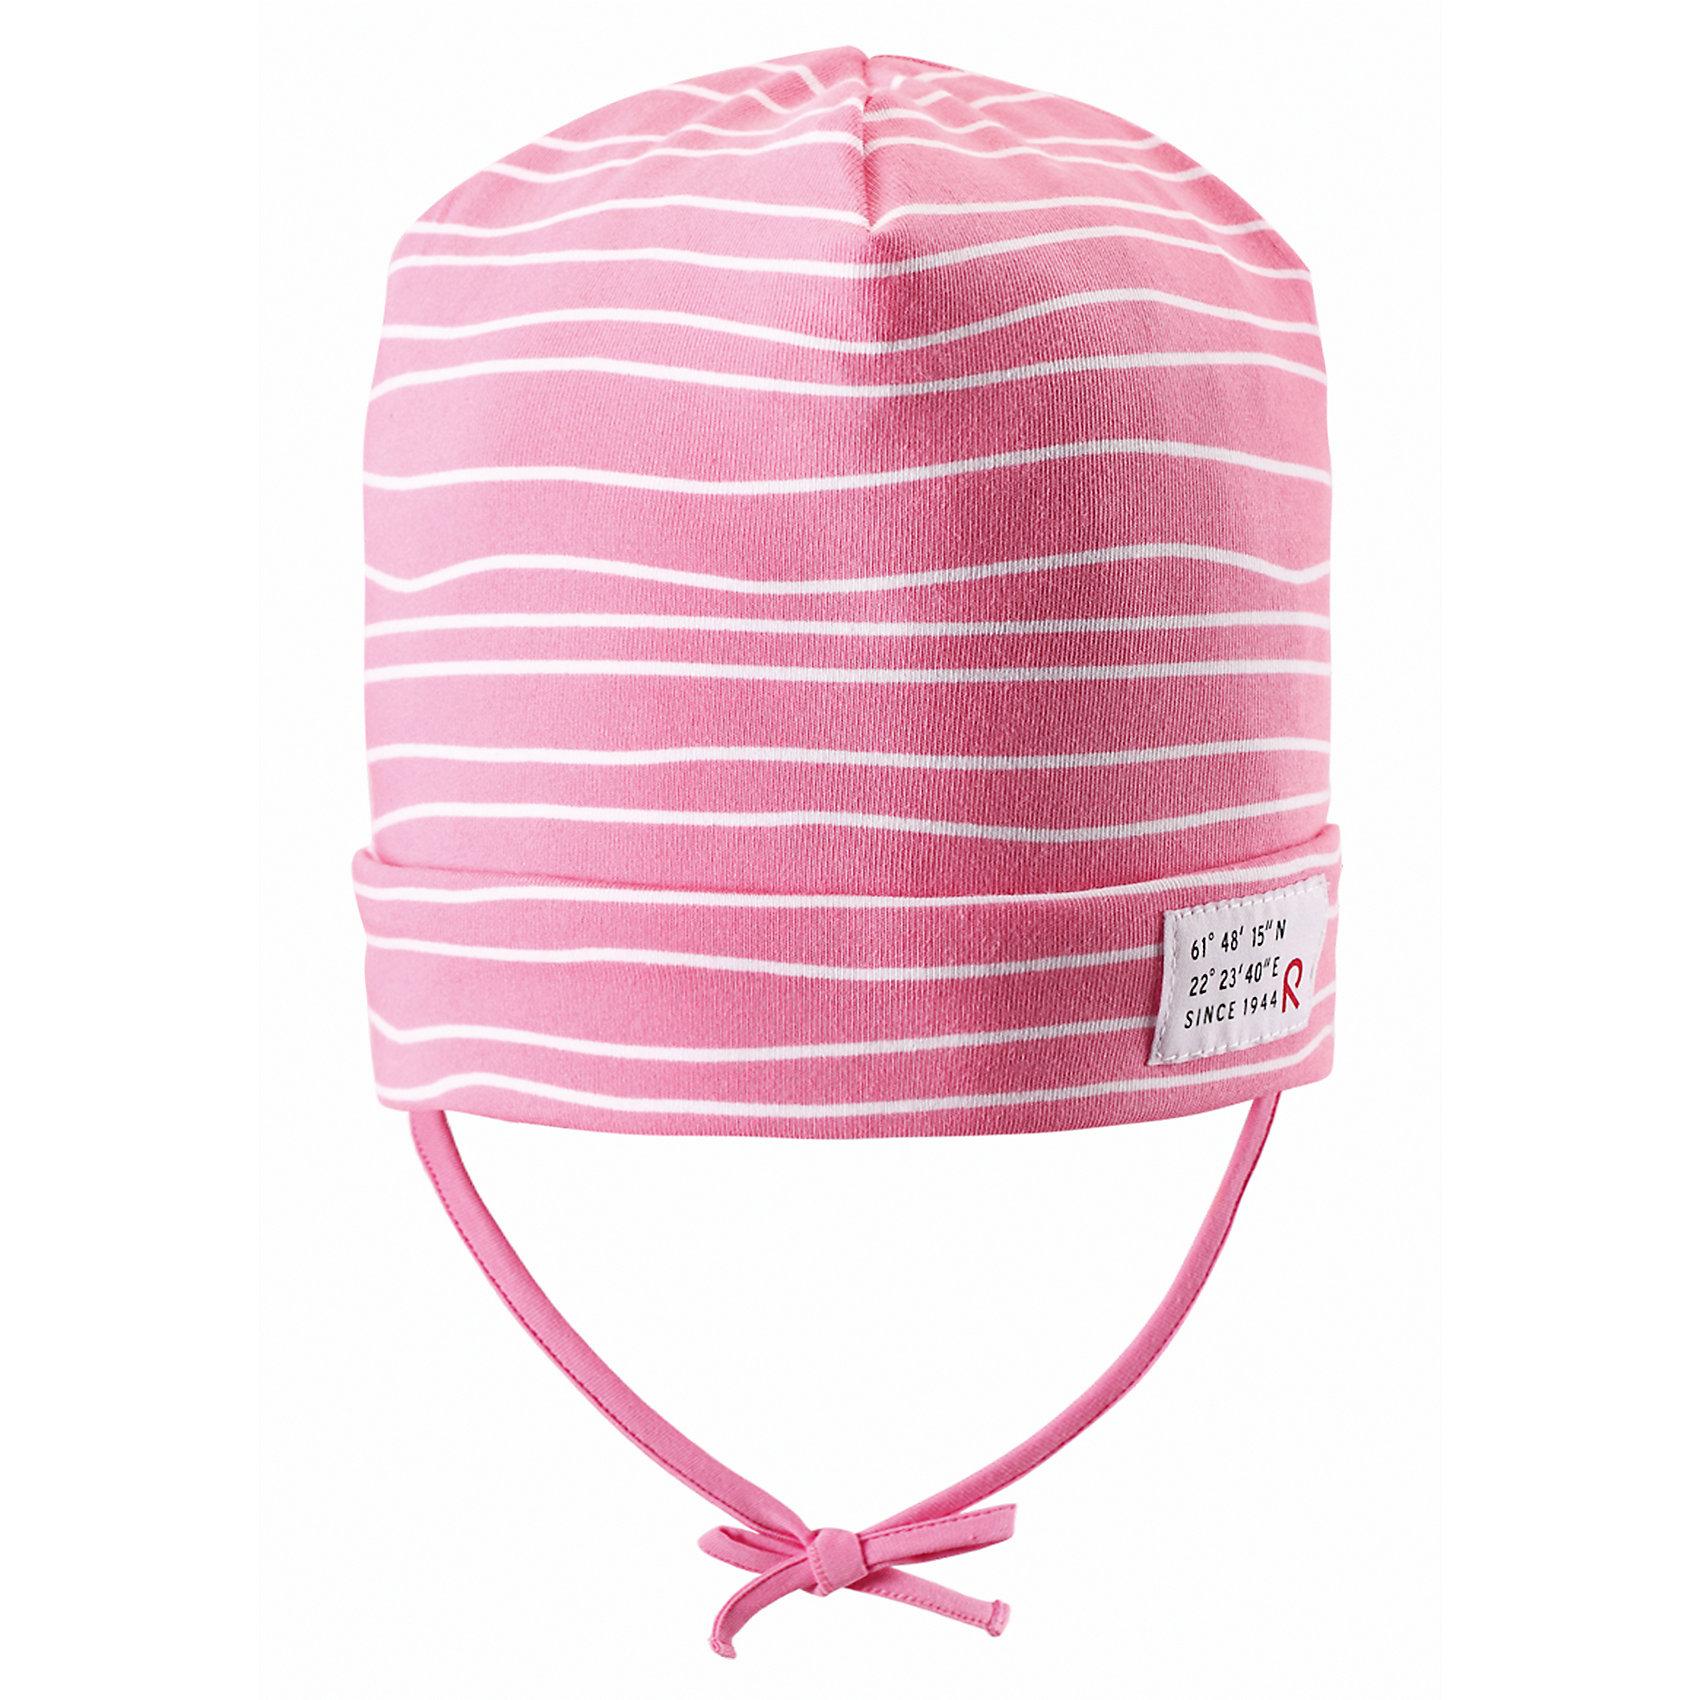 Шапка для девочки ReimaВесна пришла! А к весне мы подготовили эту легкую шапочку для малышей свежей расцветки с УФ-защитой 40+. Шапочка изготовлена из дышащего и быстросохнущего материла Play Jersey®, эффективно выводящего влагу с кожи. Идеальный выбор для активных прогулок на весеннем солнышке! <br><br>Дополнительная информация:<br><br>Трикотажная шапка «Бини» для малышей<br>Быстросохнущий материал Play Jersey, приятный на ощупь<br>Мягкий хлопчатобумажный верх, внутренняя поверхность хорошо выводит влагу<br>Фактор защиты от ультрафиолета 40+<br>Сплошная подкладка: отводящий влагу материал Play Jersey<br>Логотип Reima® сбоку<br>Состав:<br>65% ХЛ 30% ПЭ 5% ЭЛ<br>Уход:<br>Стирать с бельем одинакового цвета, вывернув наизнанку. Полоскать без специального средства. Придать первоначальную форму вo влажном виде.<br><br>Ширина мм: 89<br>Глубина мм: 117<br>Высота мм: 44<br>Вес г: 155<br>Цвет: розовый<br>Возраст от месяцев: 60<br>Возраст до месяцев: 72<br>Пол: Женский<br>Возраст: Детский<br>Размер: 52,46,48,50<br>SKU: 4497776